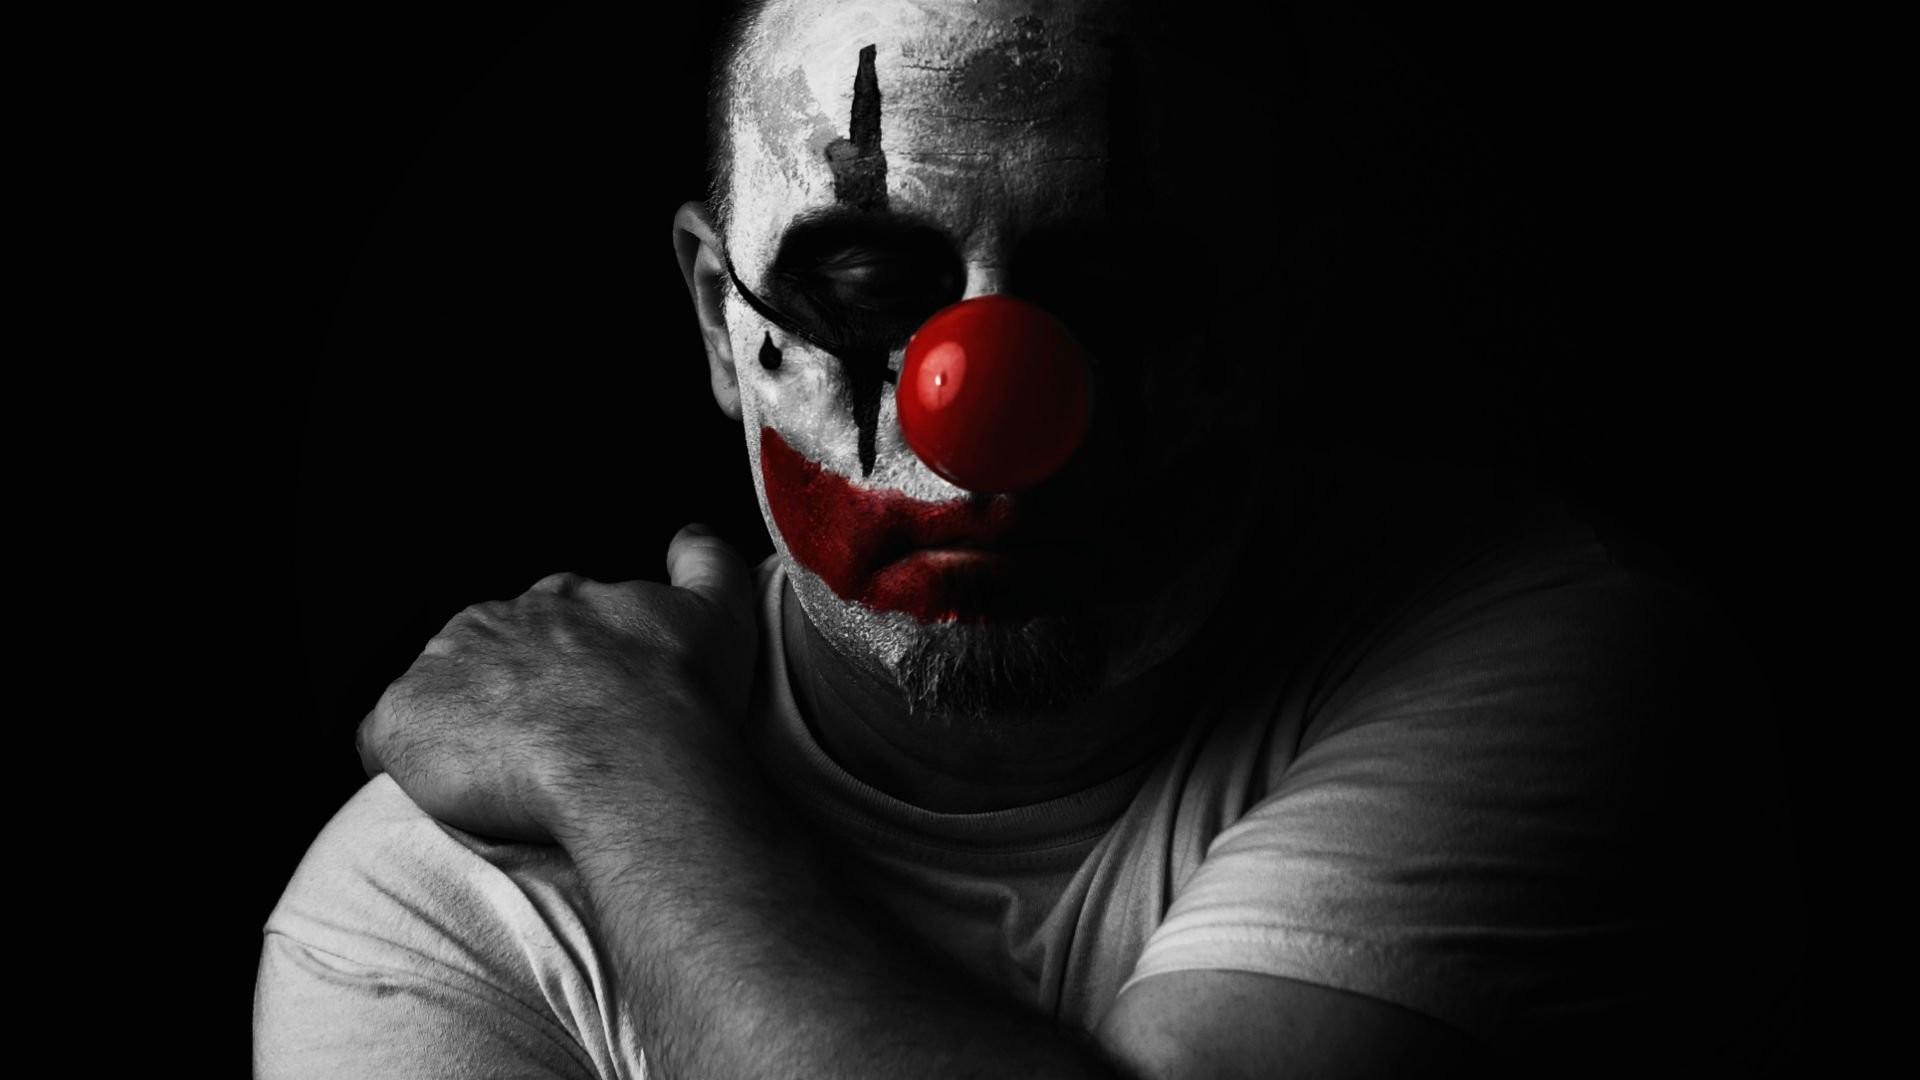 HALLOWEEN clown dark wallpaper | | 498651 | WallpaperUP